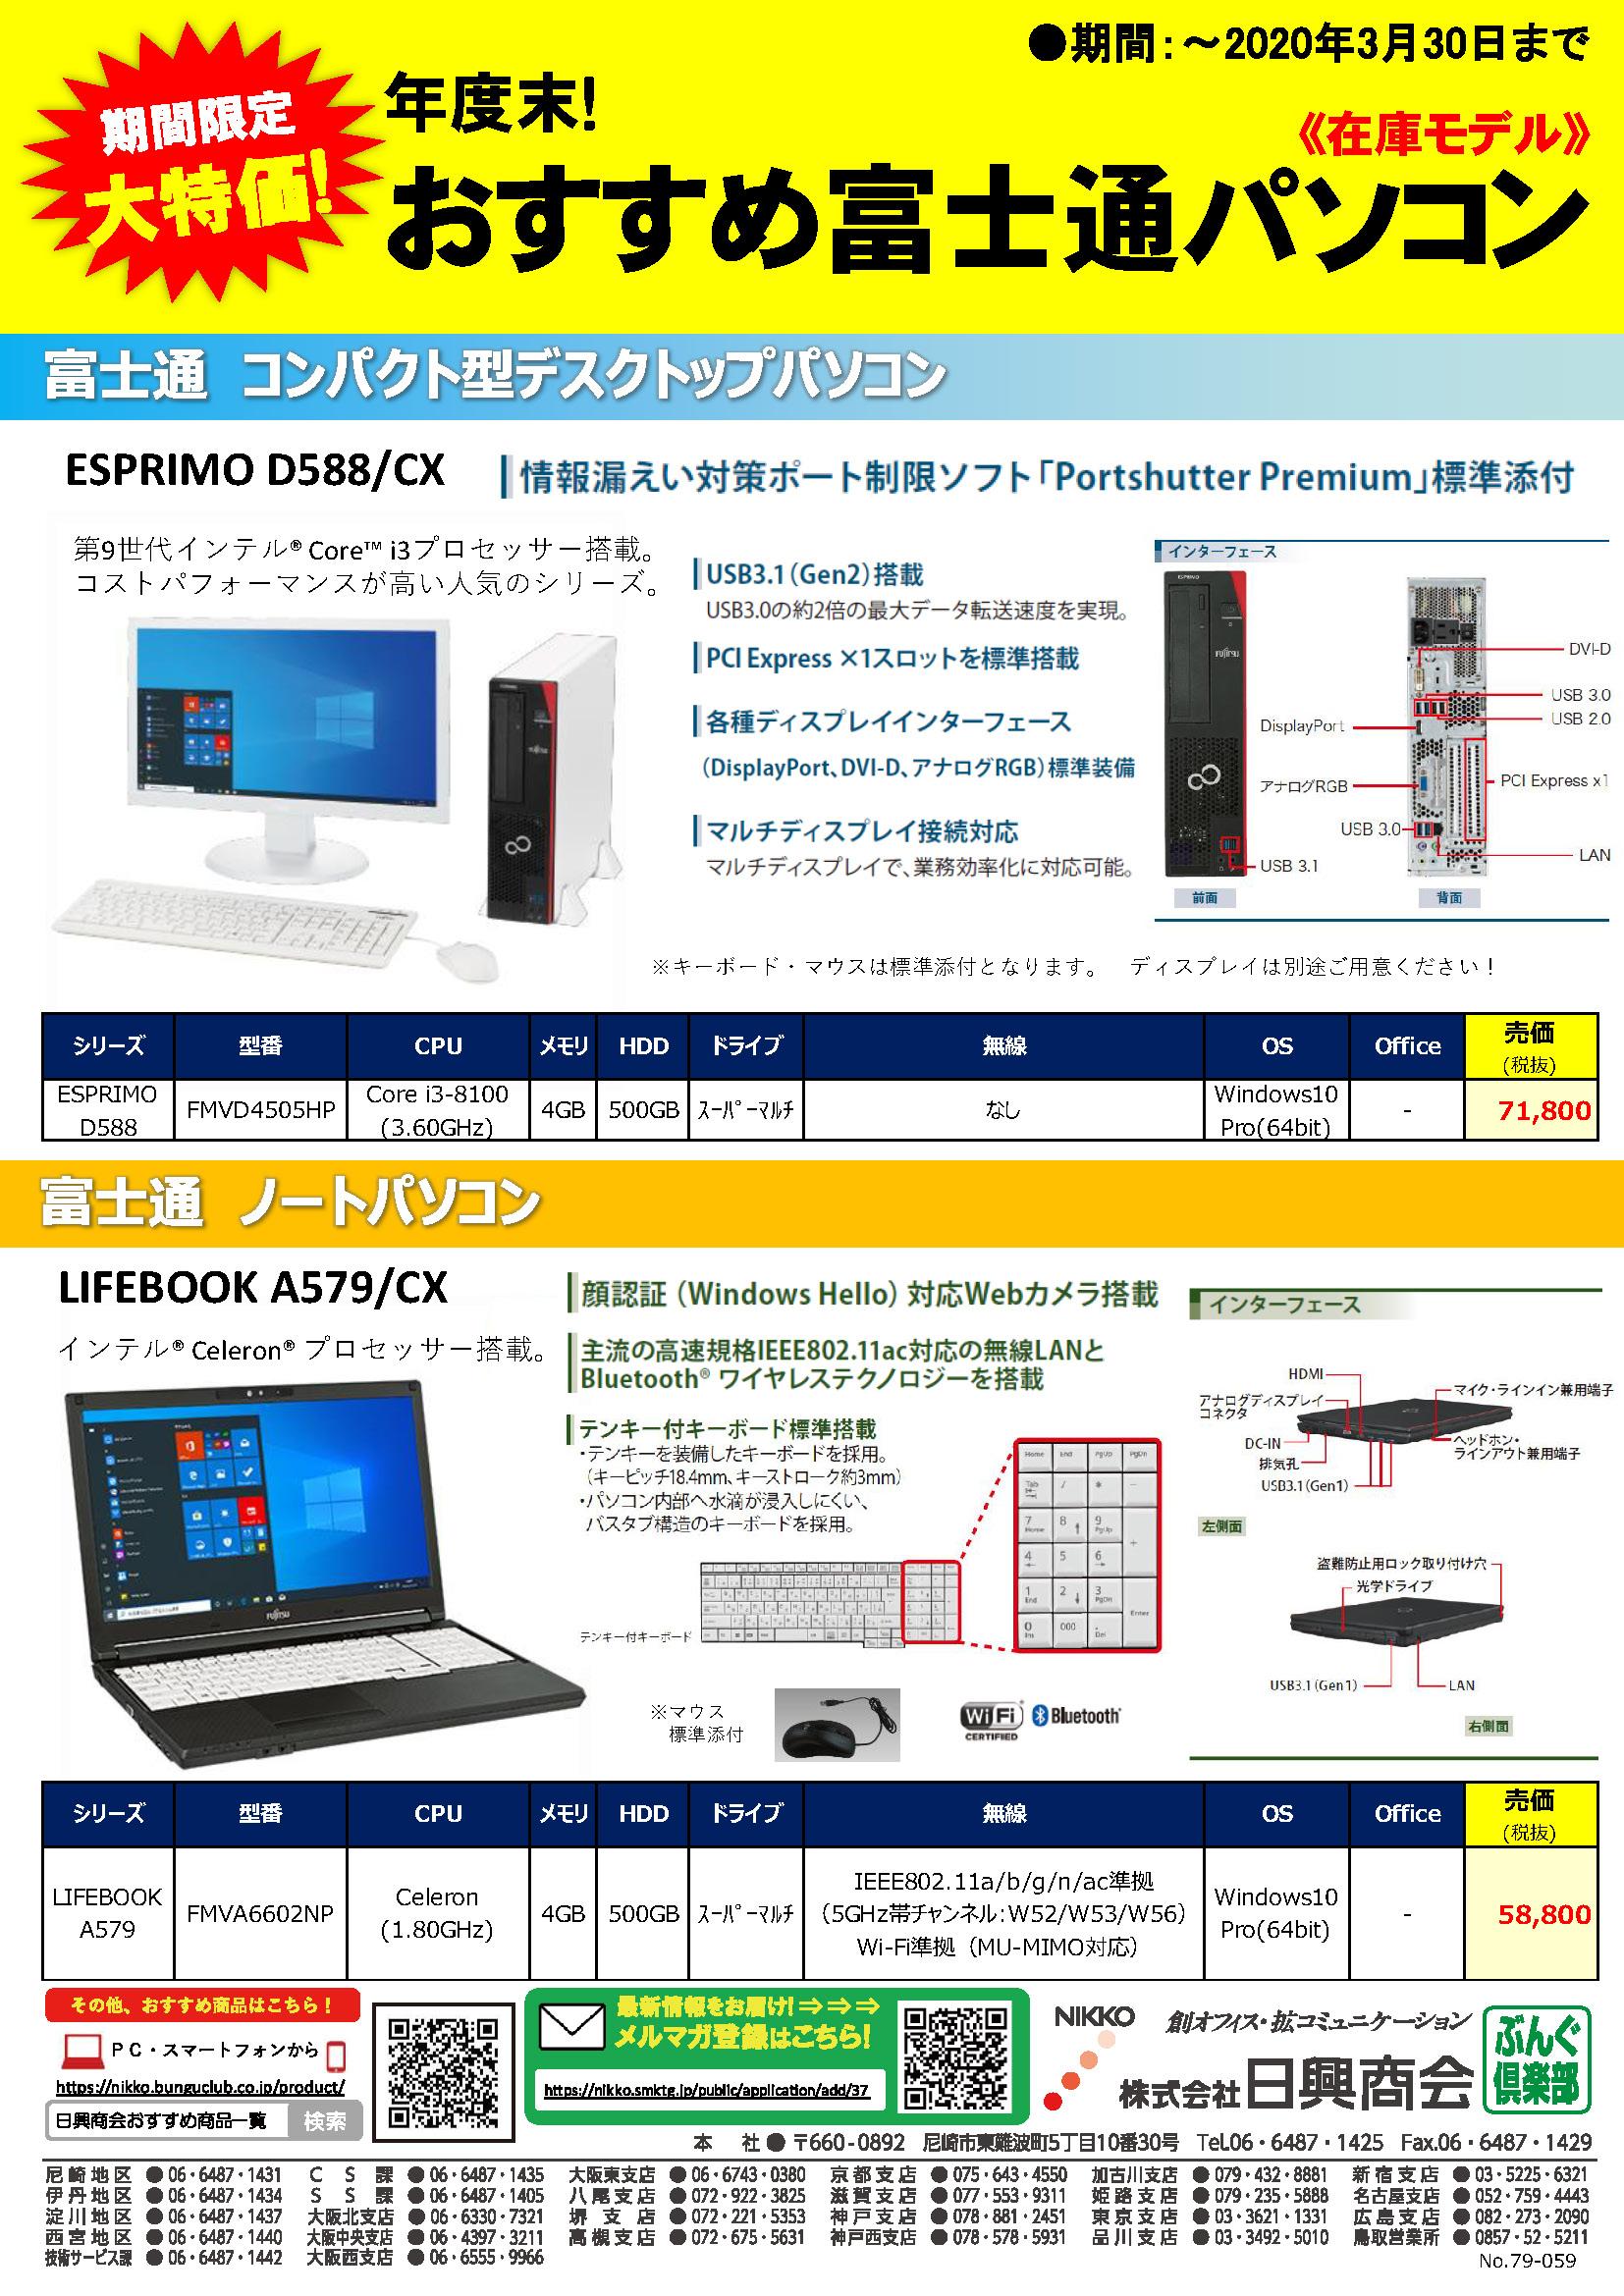 79-059DIS_fujitsu_PC